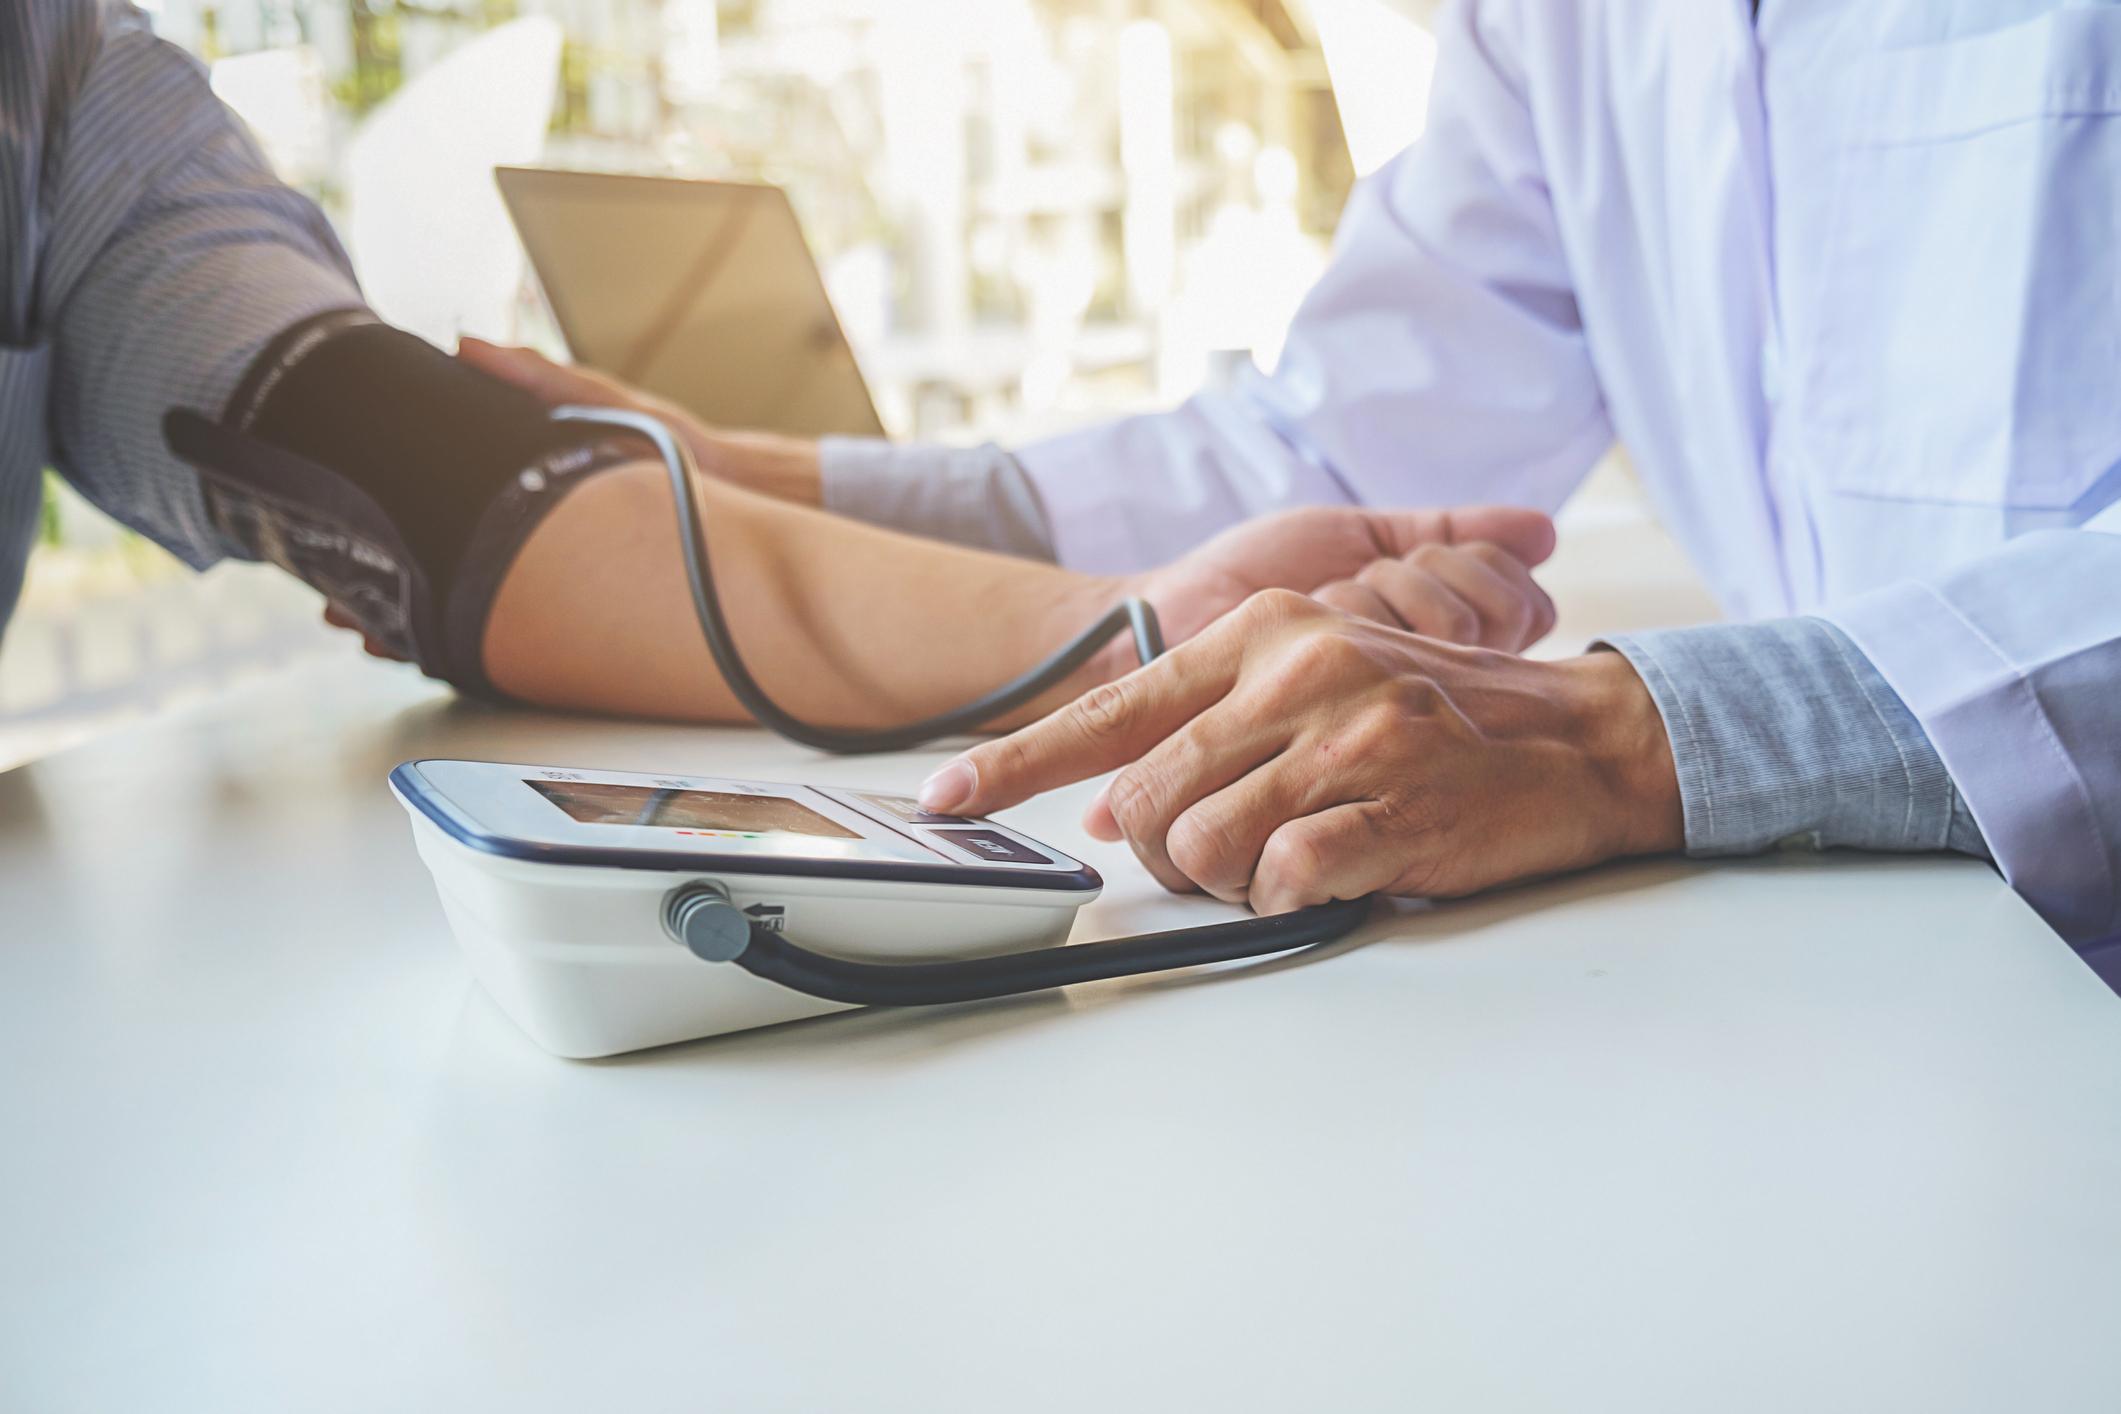 Magas vérnyomás nyugdíjasnál. Index - Tudomány - Nyugdíjasnak hat másodperc edzés is elég